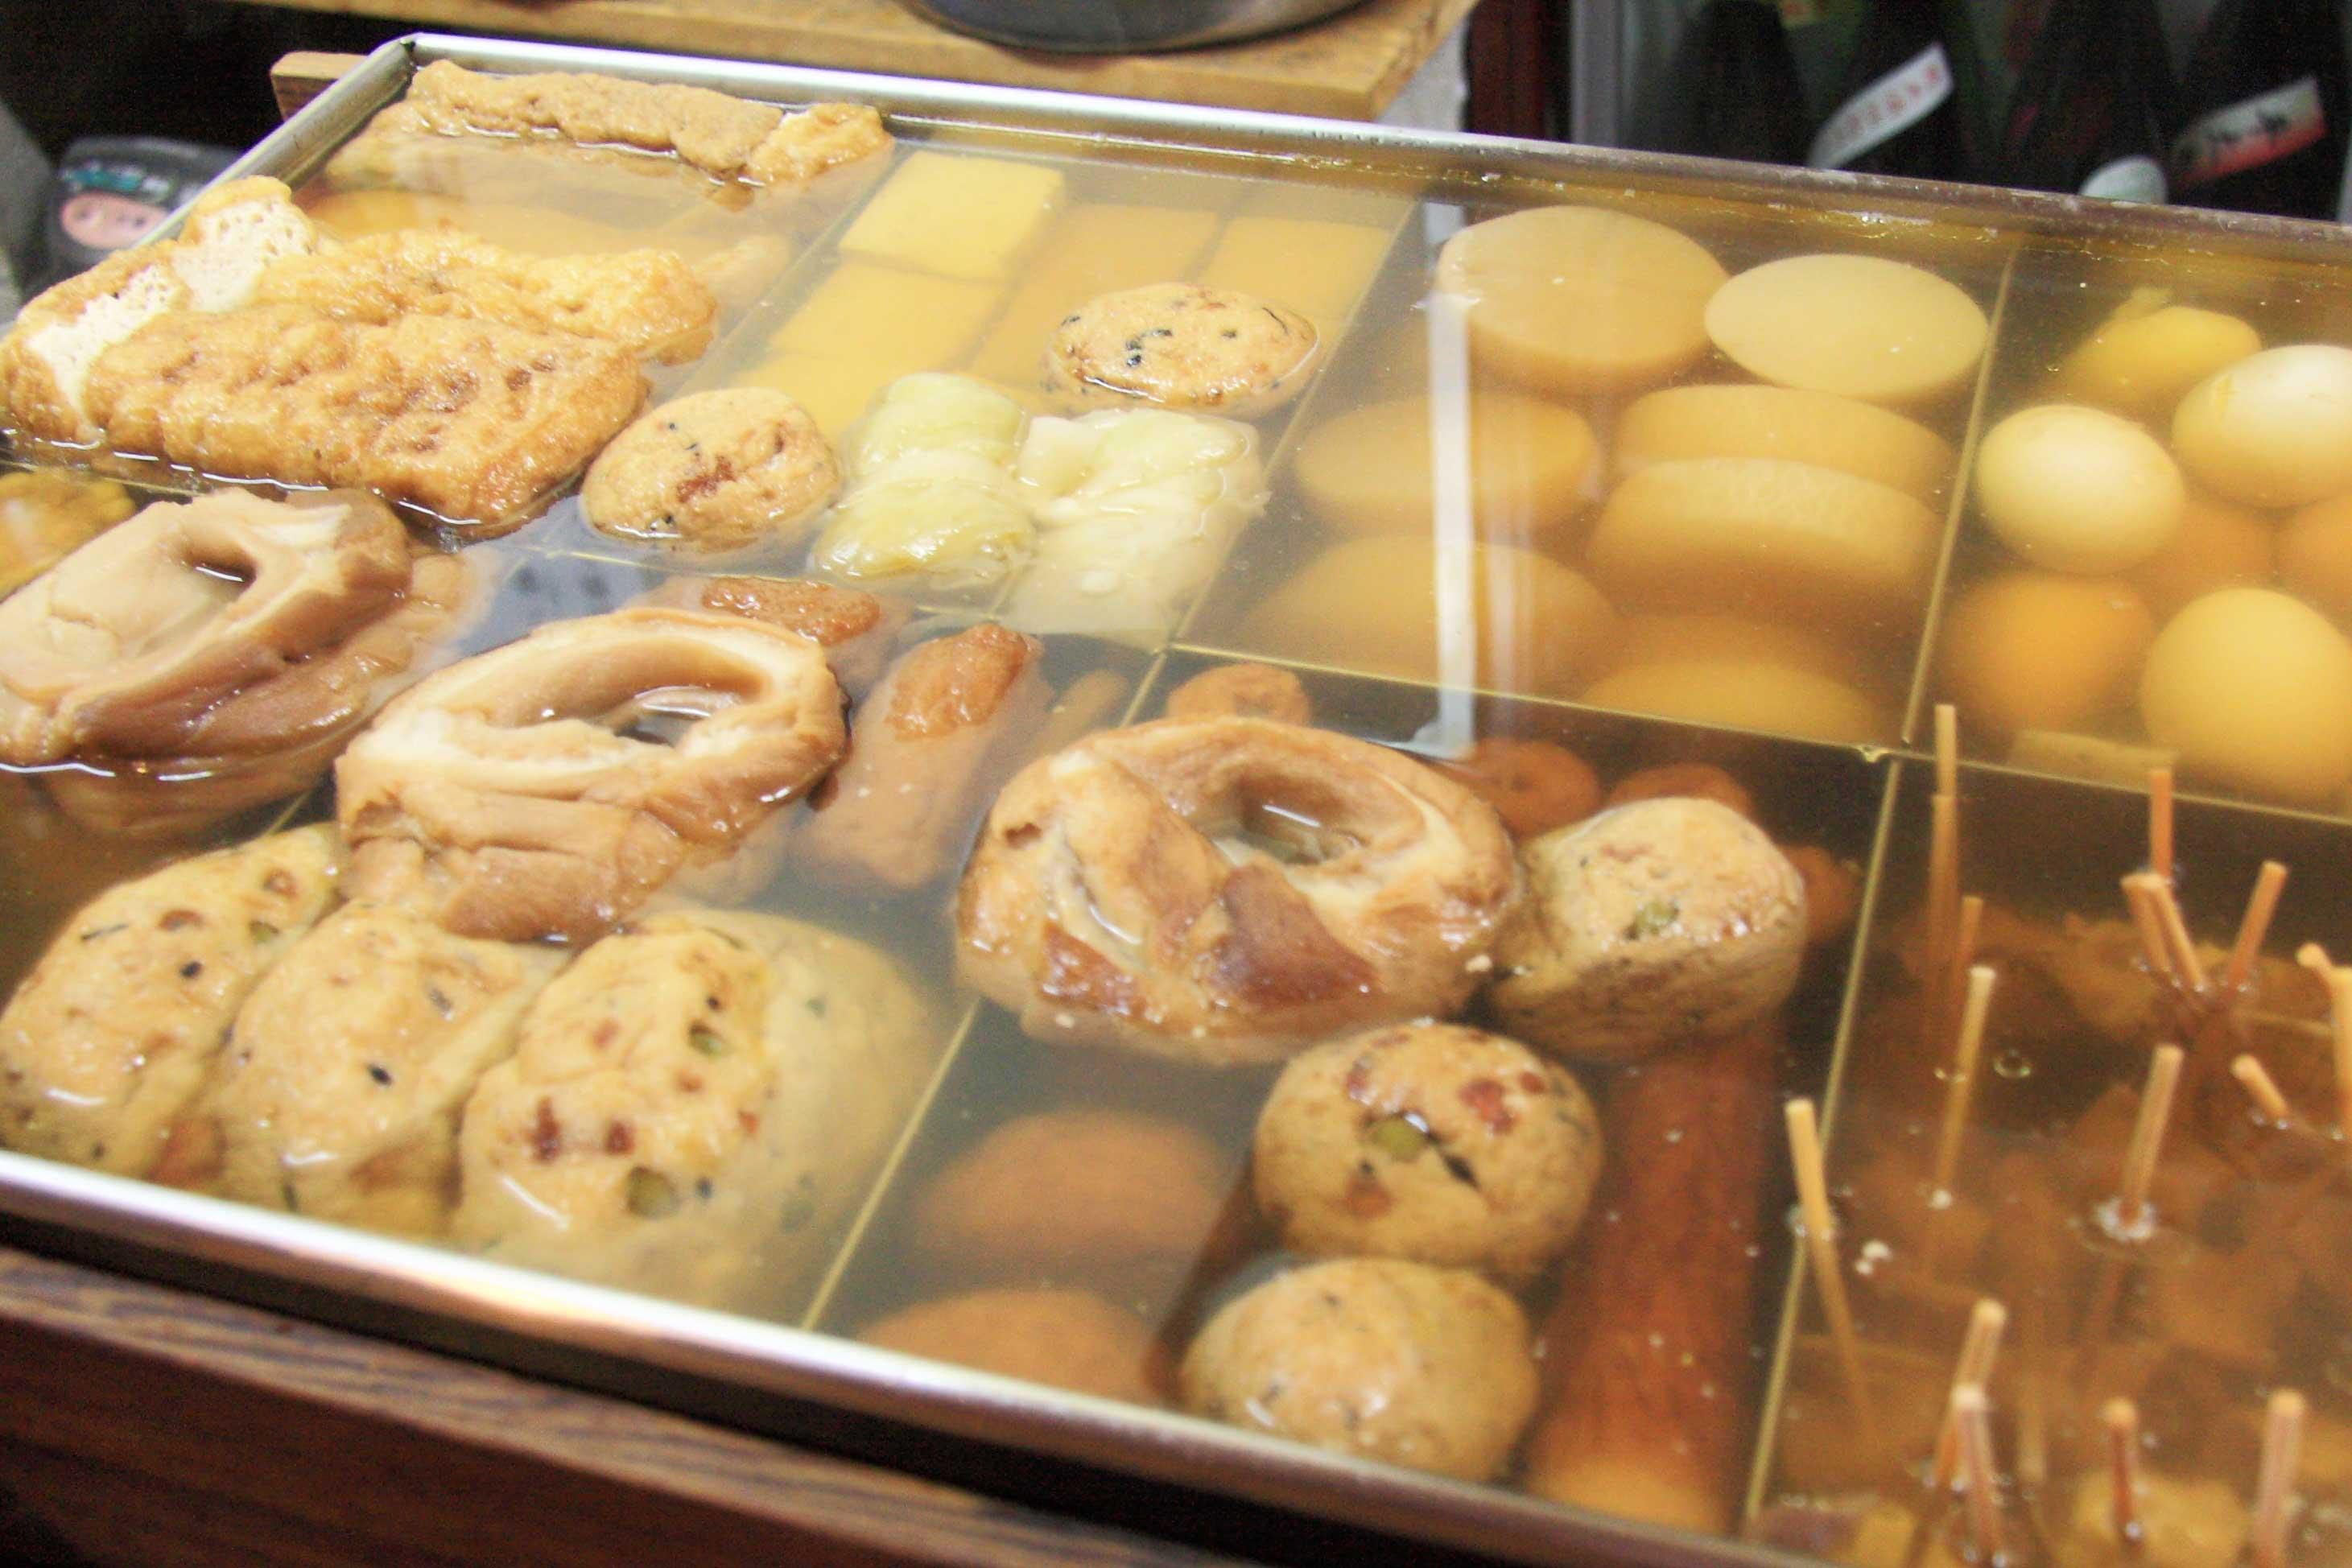 毎日おでんを食べるだけでお手軽ダイエットが出来るって本当?のサムネイル画像